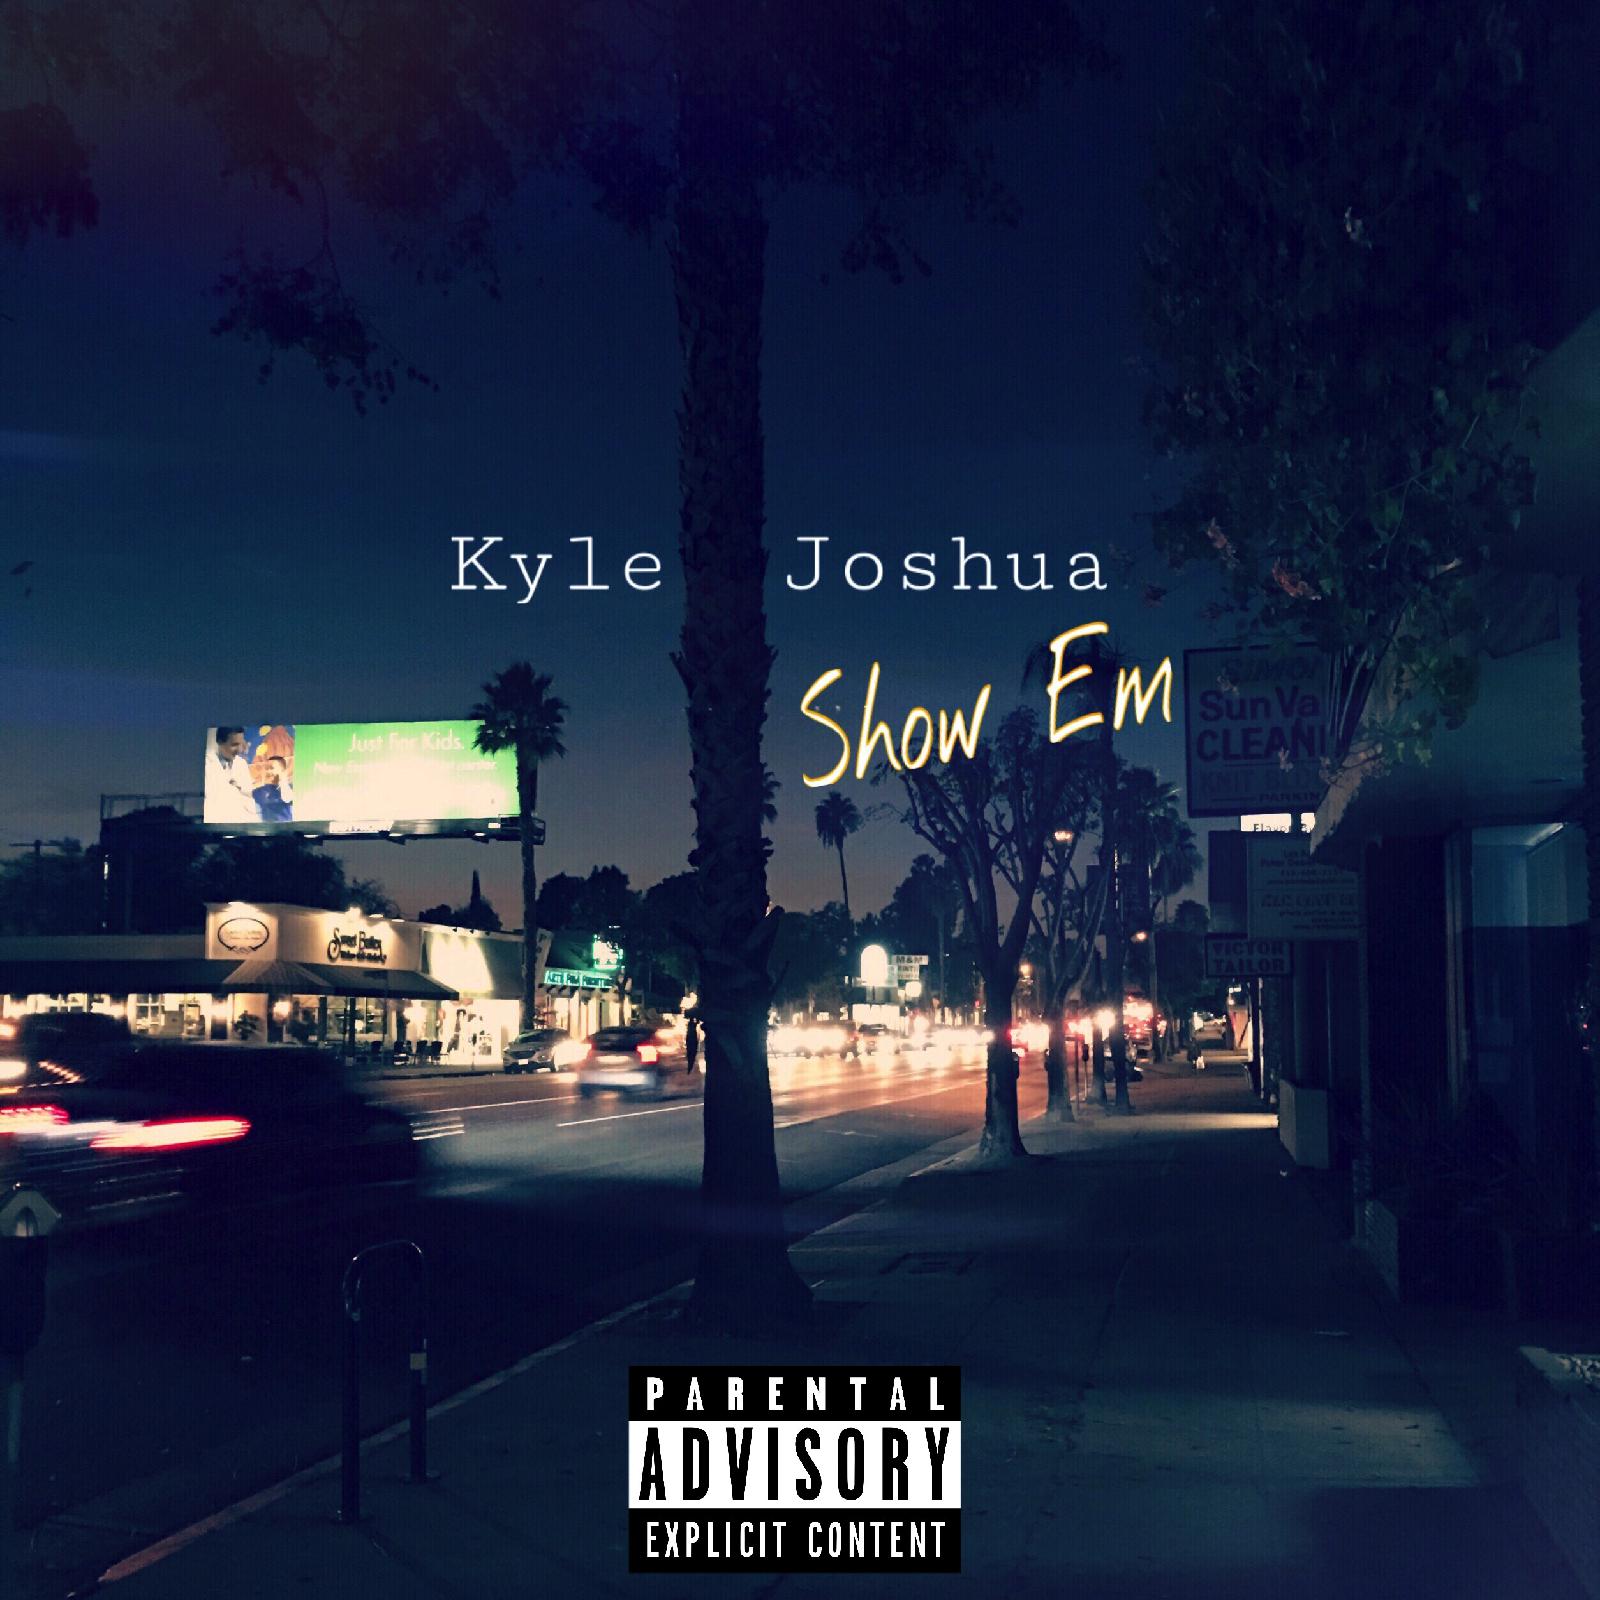 Kyle Joshua – Show Em